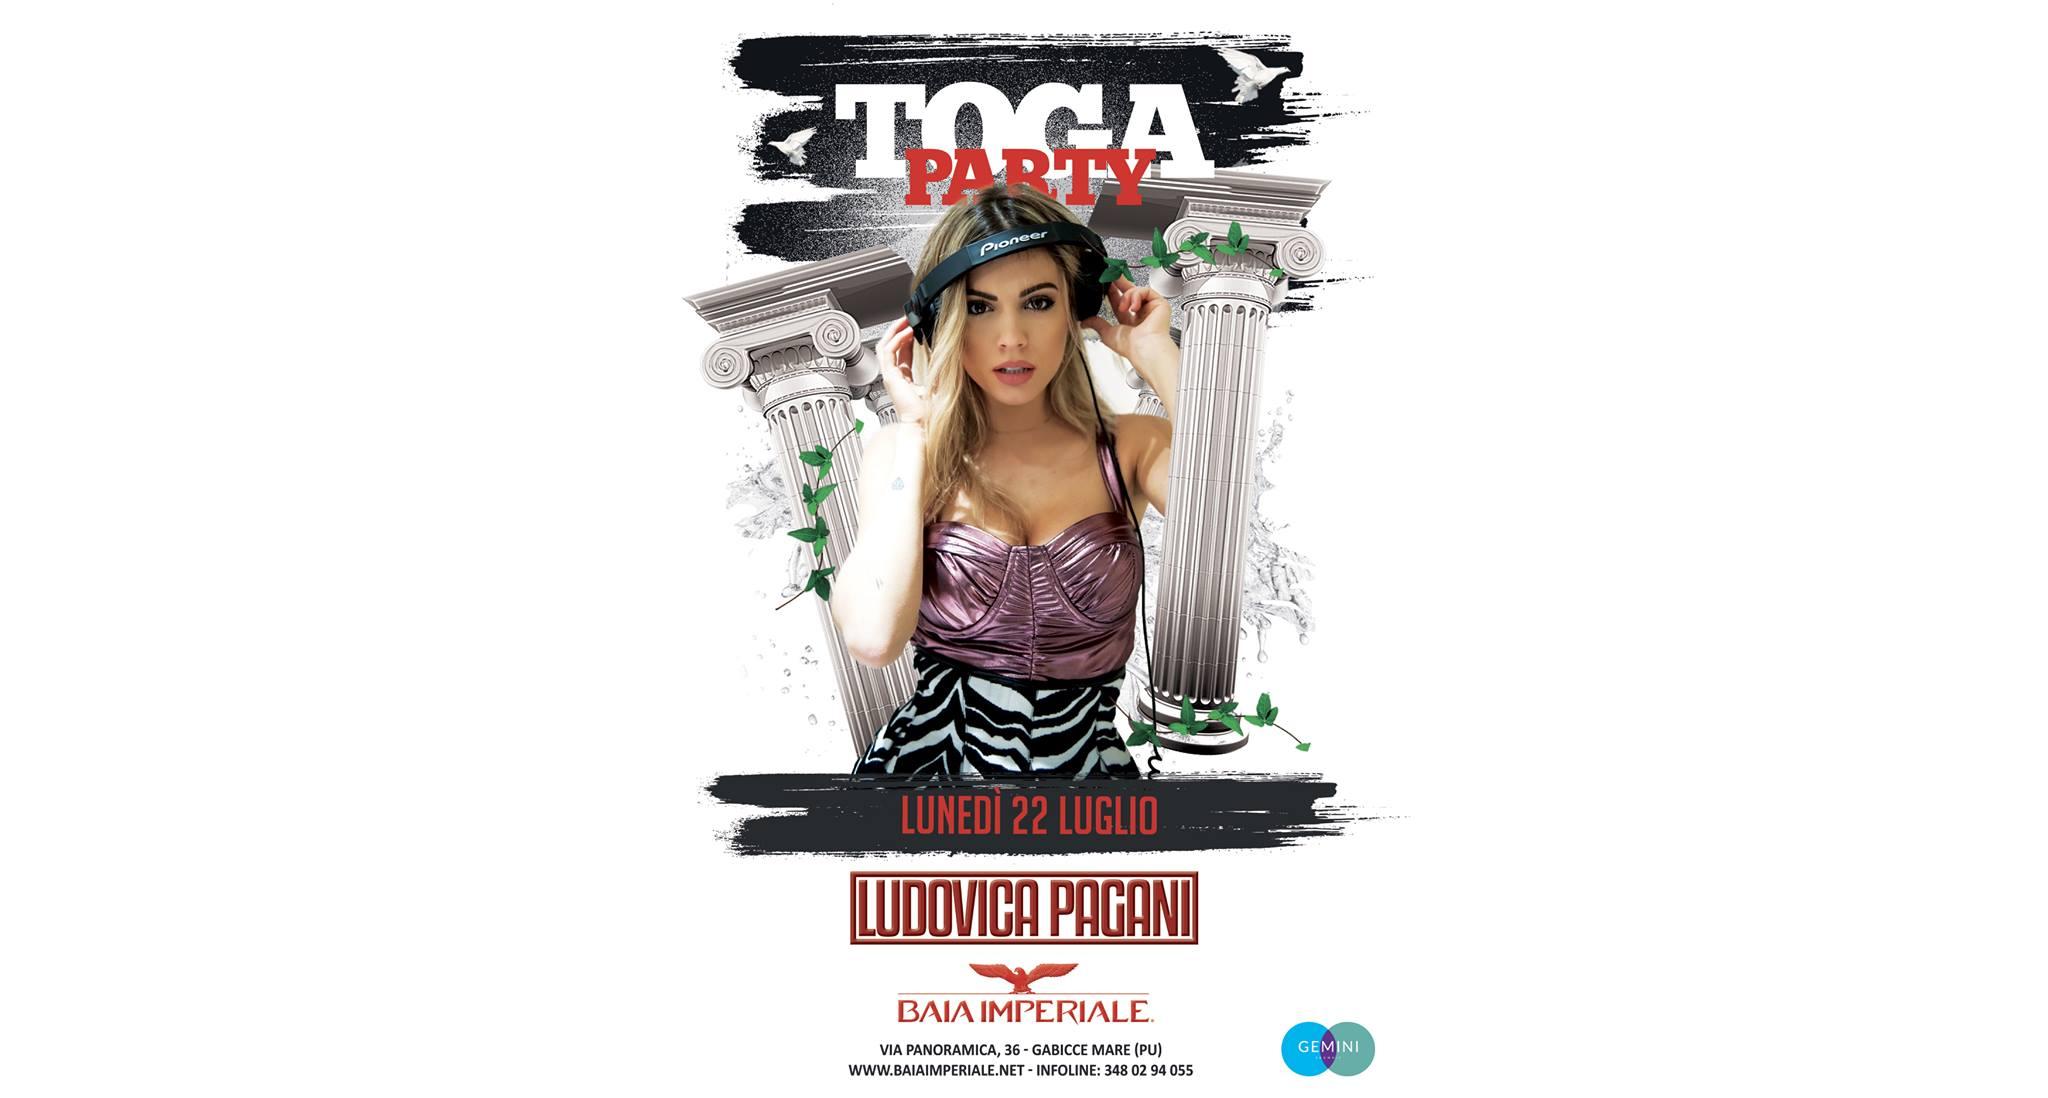 Baia Imperiale – Lunedì 22 Luglio 2019 – Ludovica Pagani – Toga Party –  Ticket-Biglietti 18app – Tavoli – Pacchetti Hotel